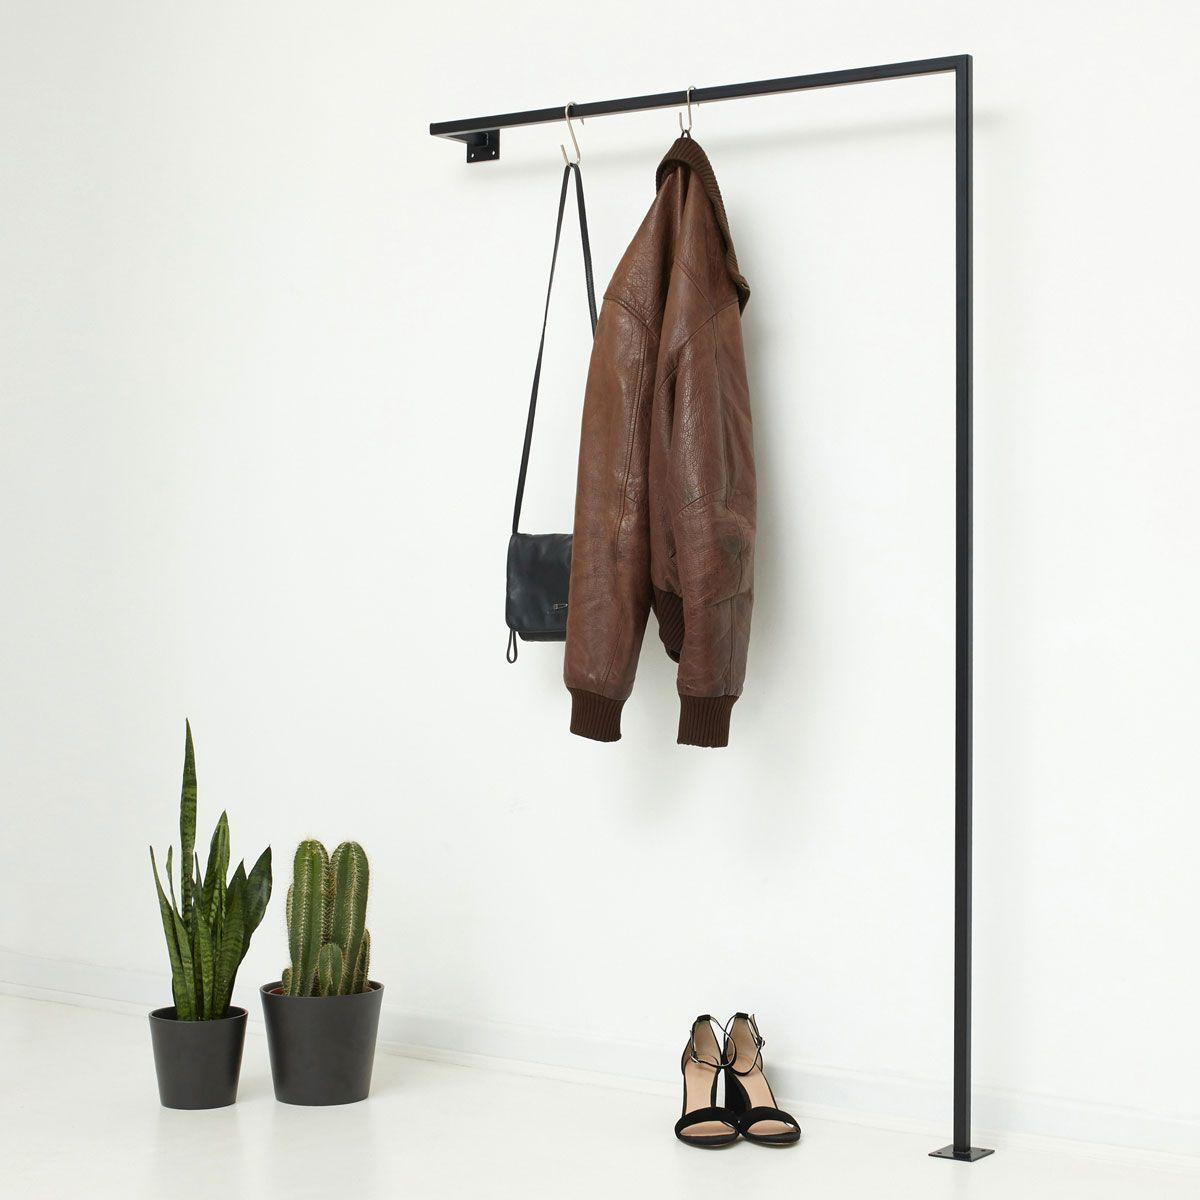 Minimalist coat rack made of steel